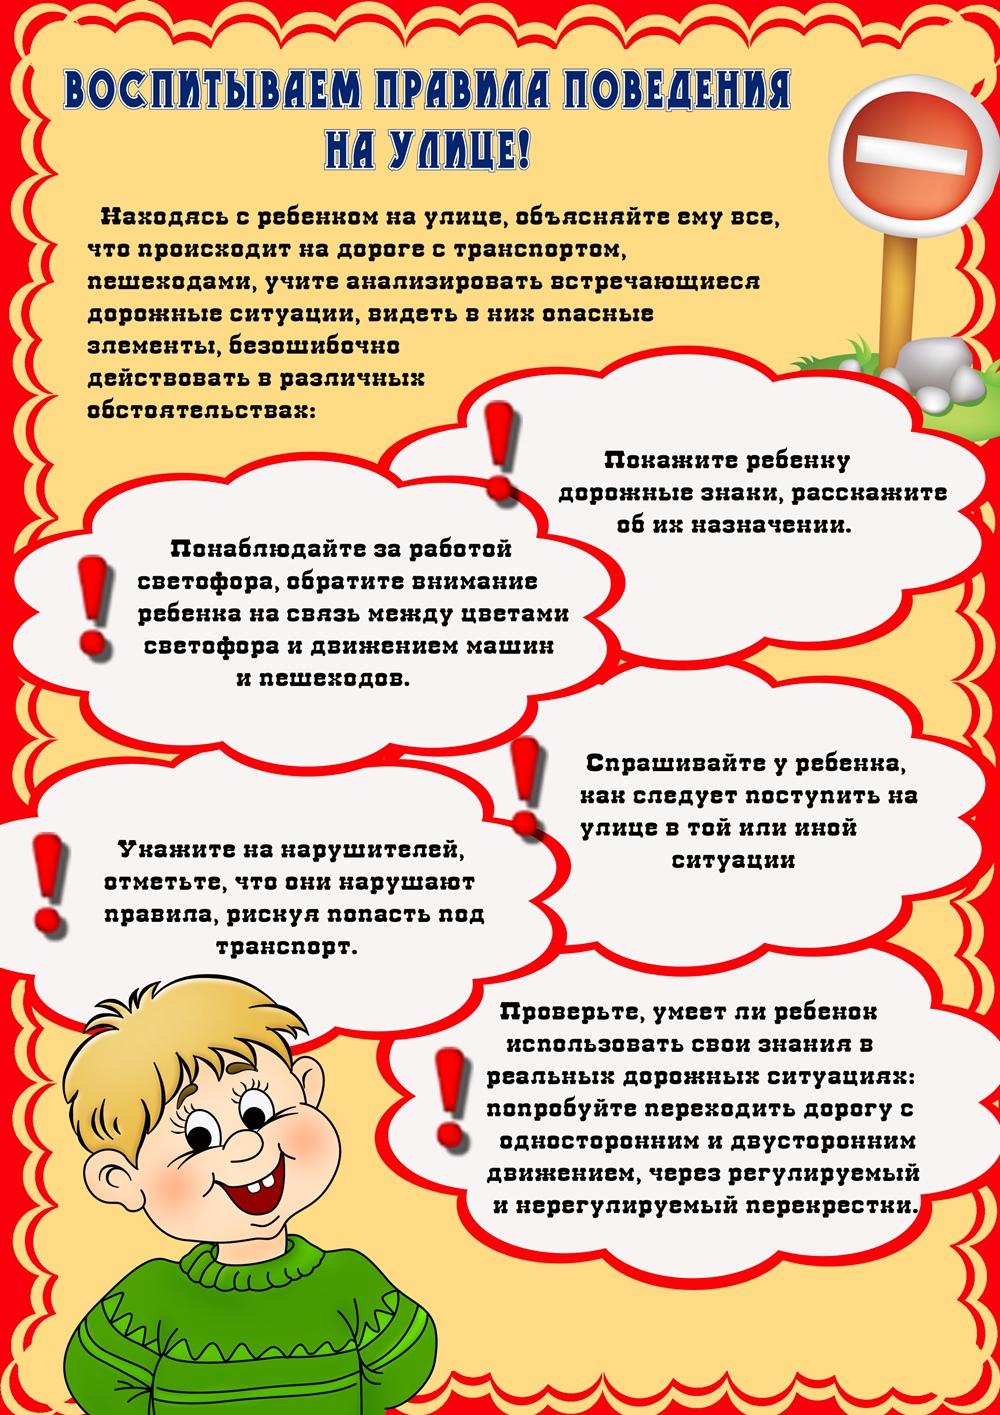 Правила поведения на улице для детей (плакат)